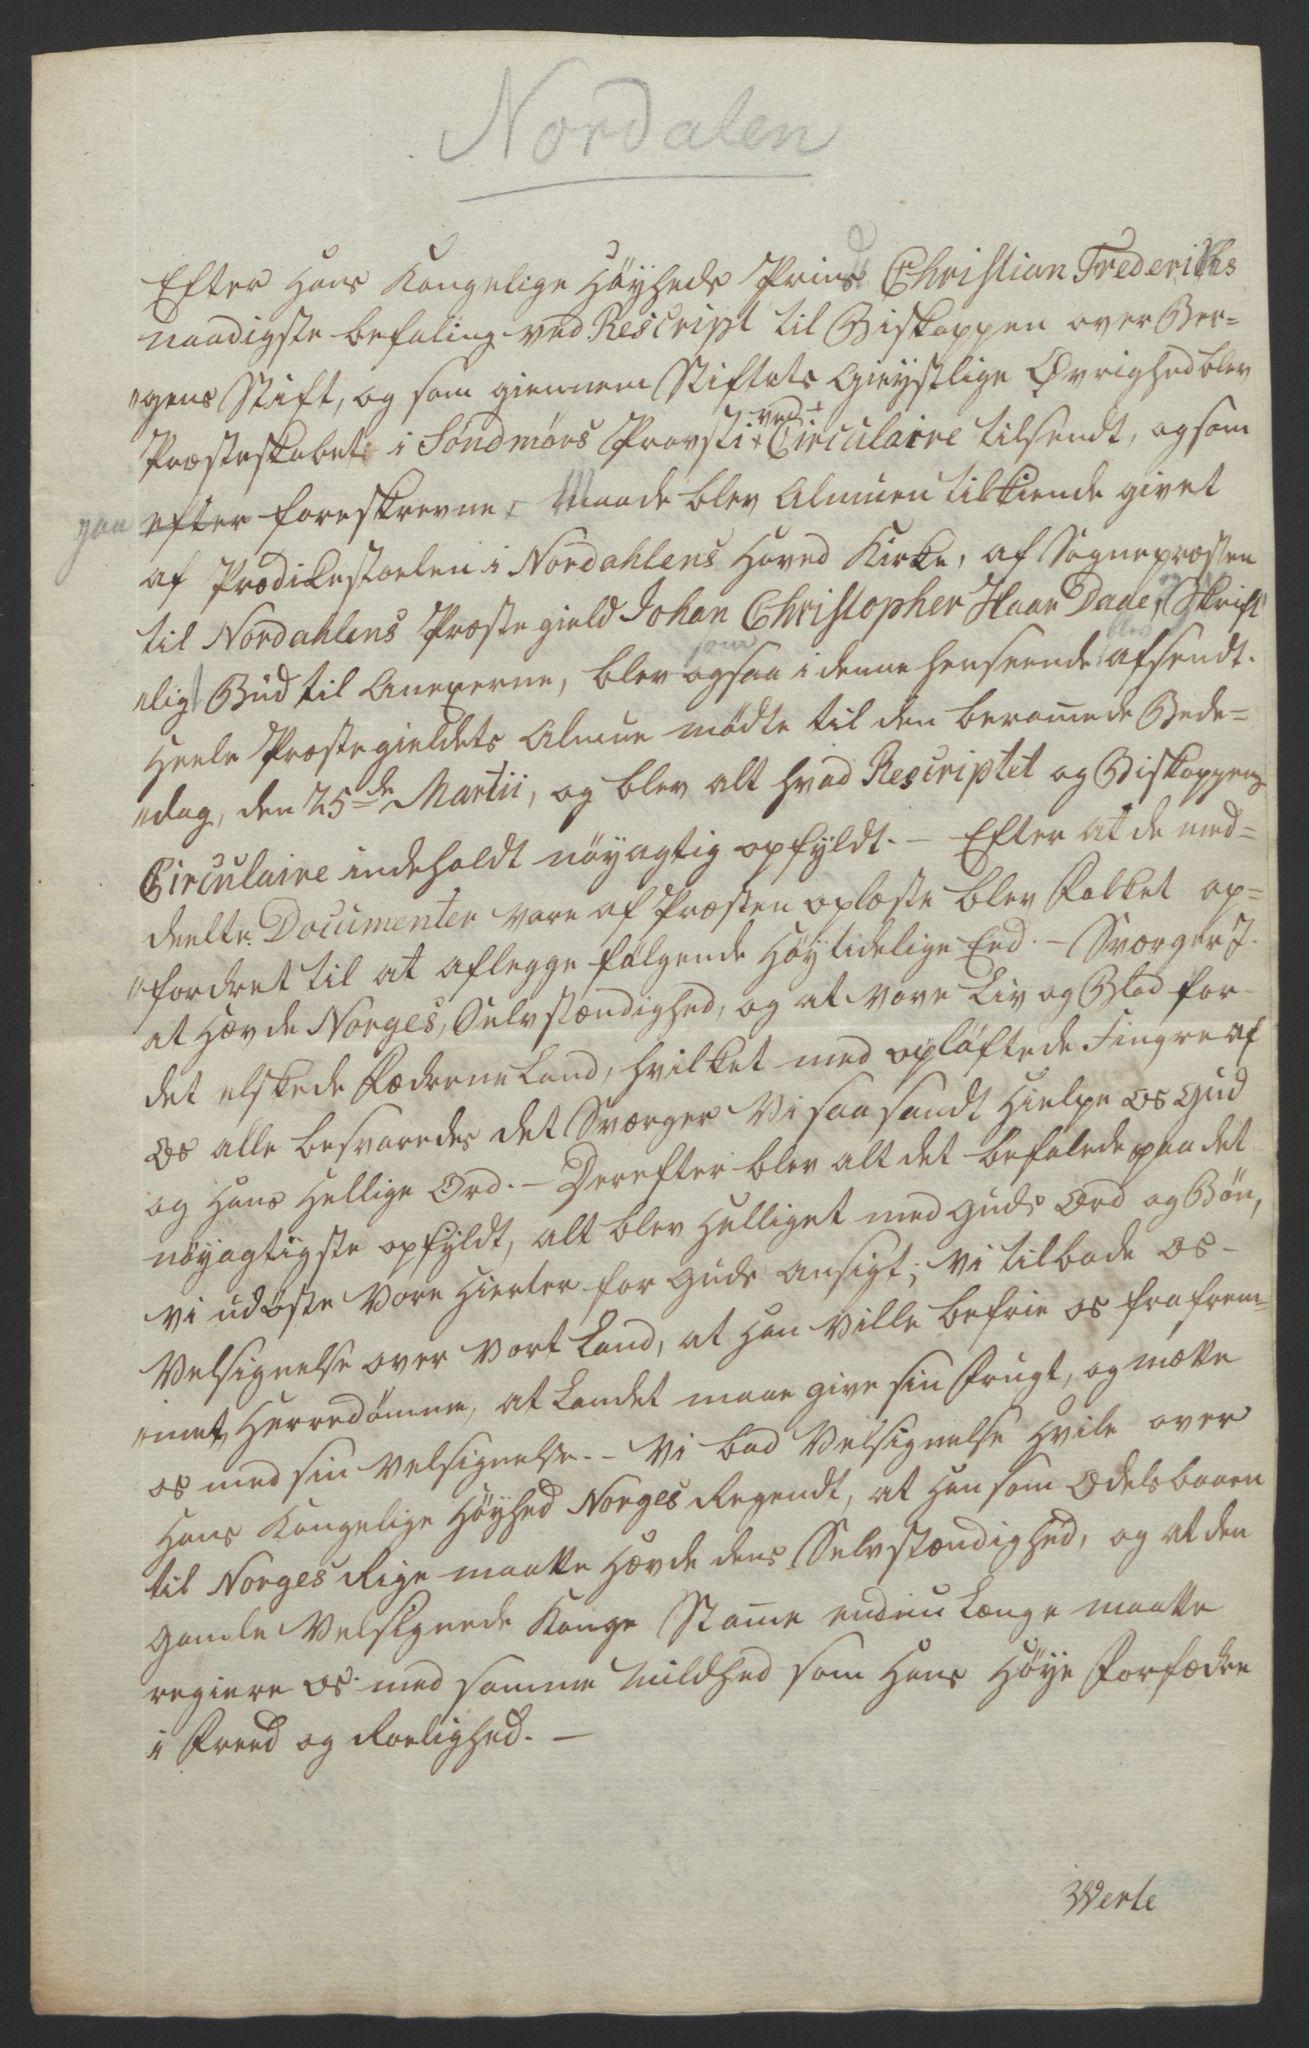 RA, Statsrådssekretariatet, D/Db/L0008: Fullmakter for Eidsvollsrepresentantene i 1814. , 1814, s. 394